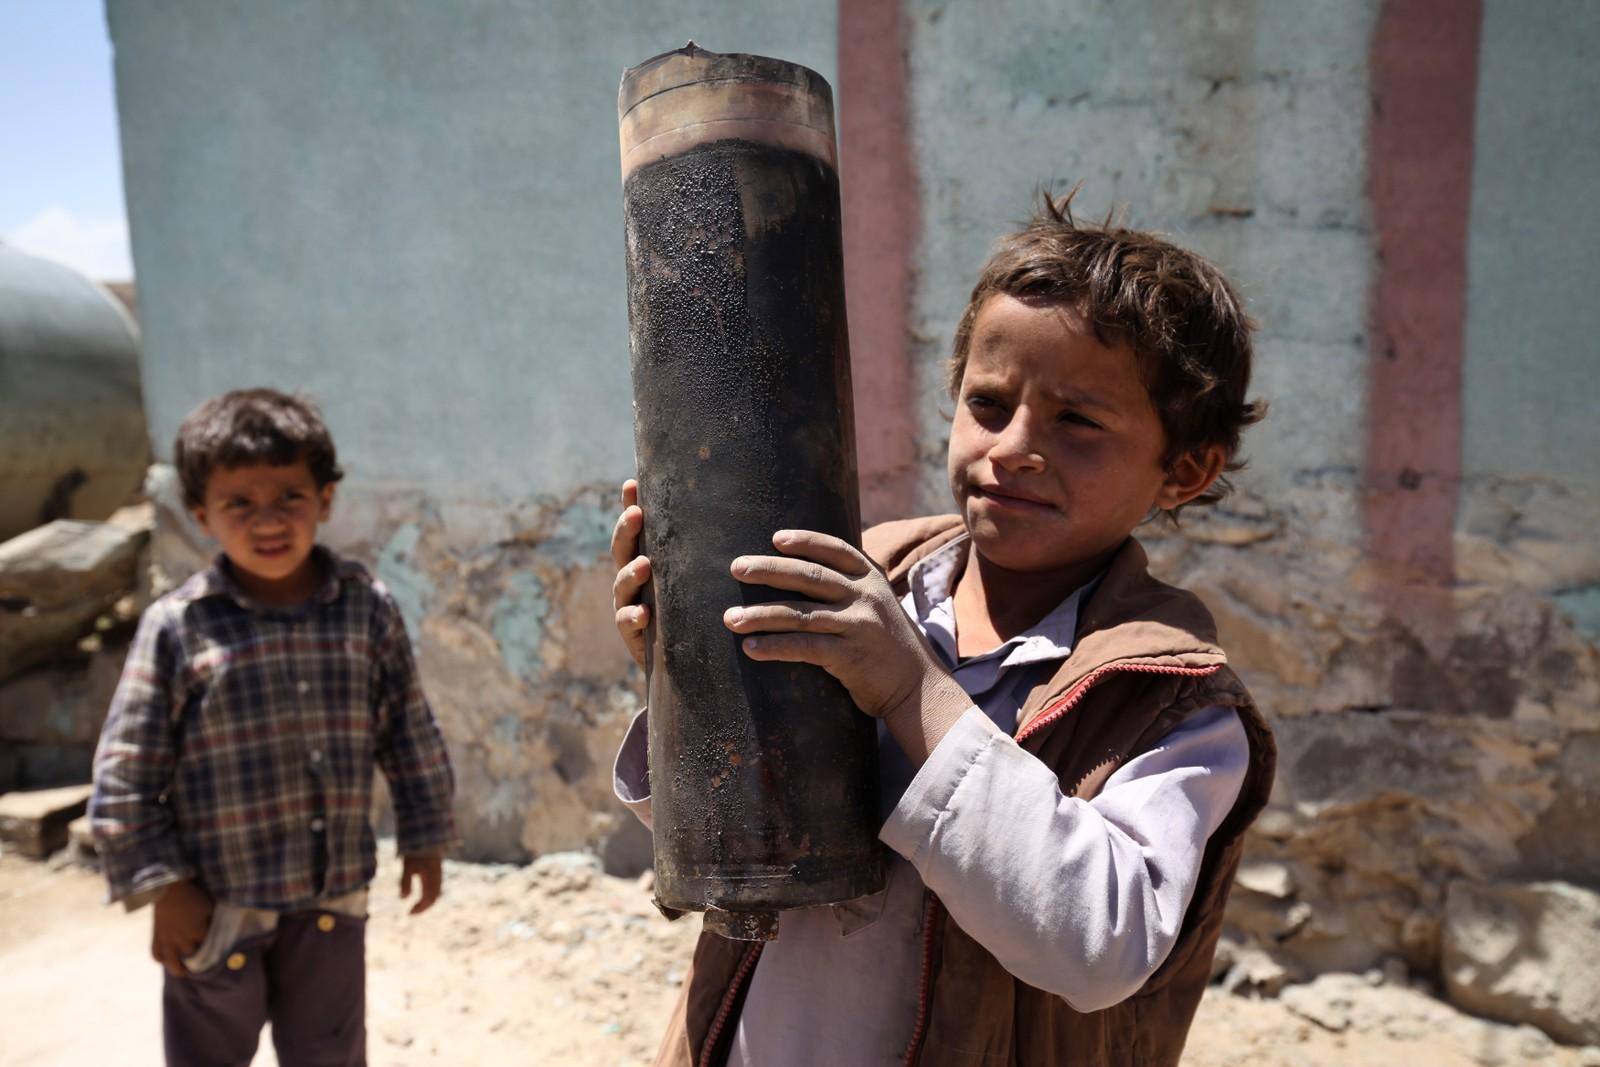 En gutt holder opp rester av en granat i utkanten av Jemens hovedstad Sana, 23. april, 2015. I mai var omtrent 300.000 internt fordrevne flyktninger i Jemen, skriver Unicef, og rundt 1500 var drept i konflikten.